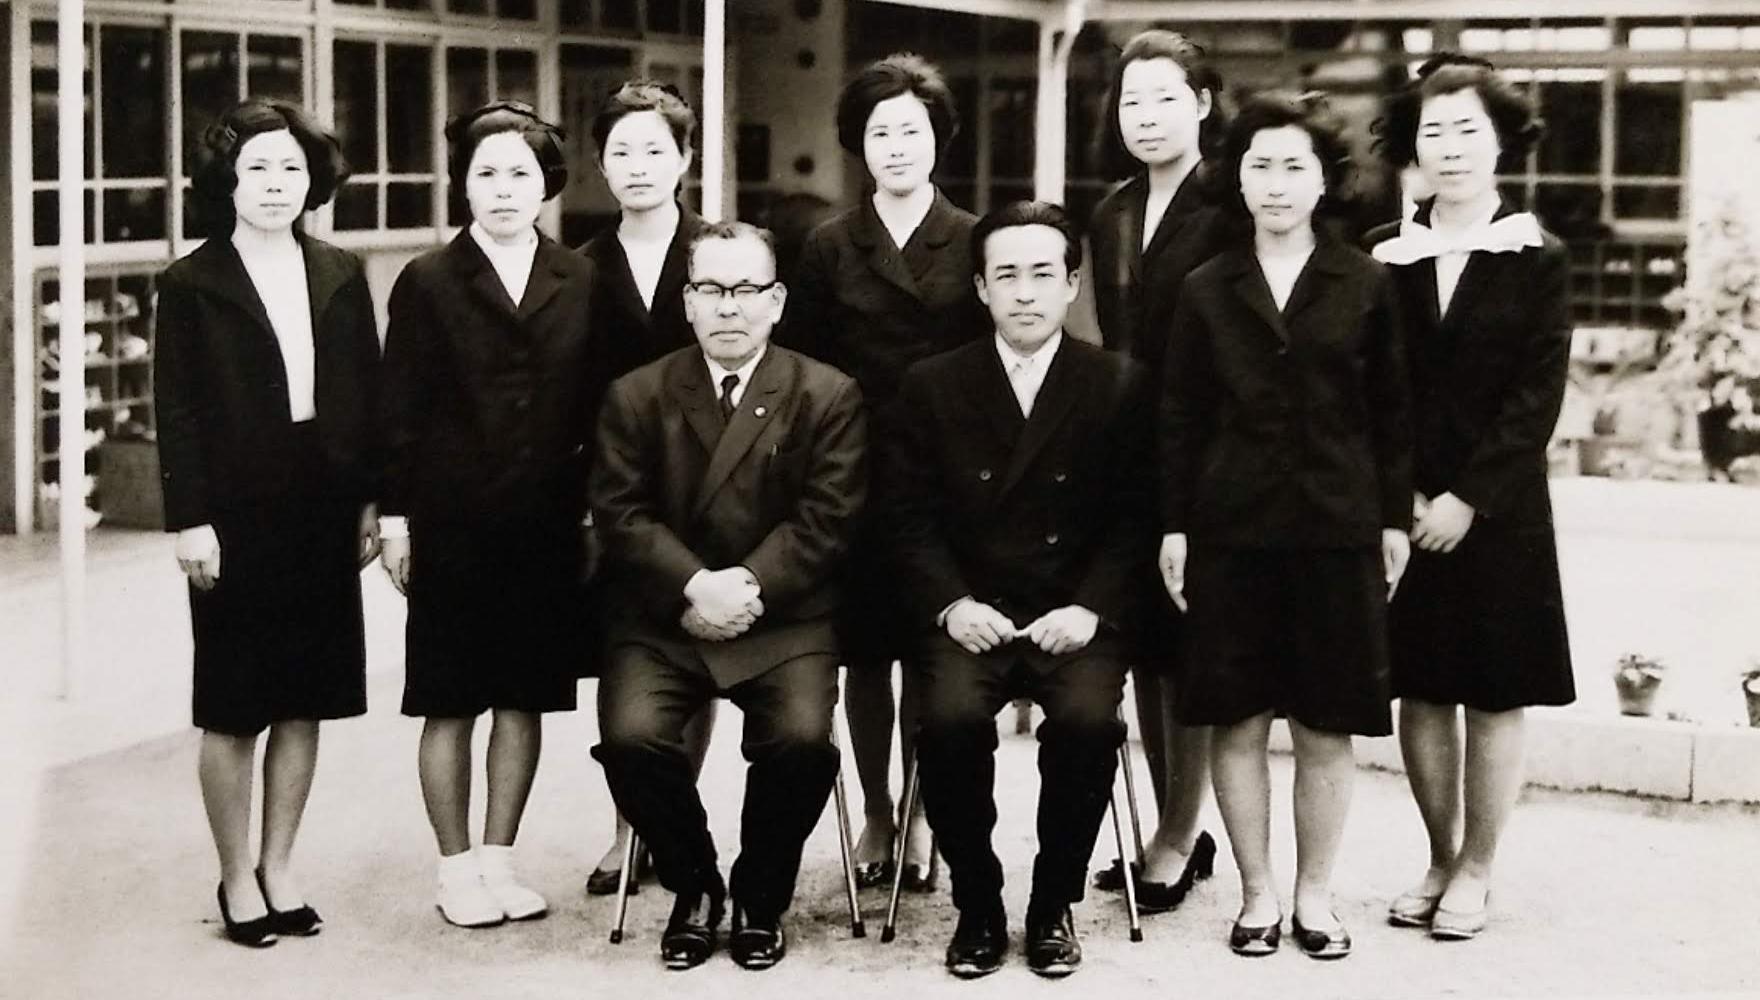 設立当初の理事及び職員